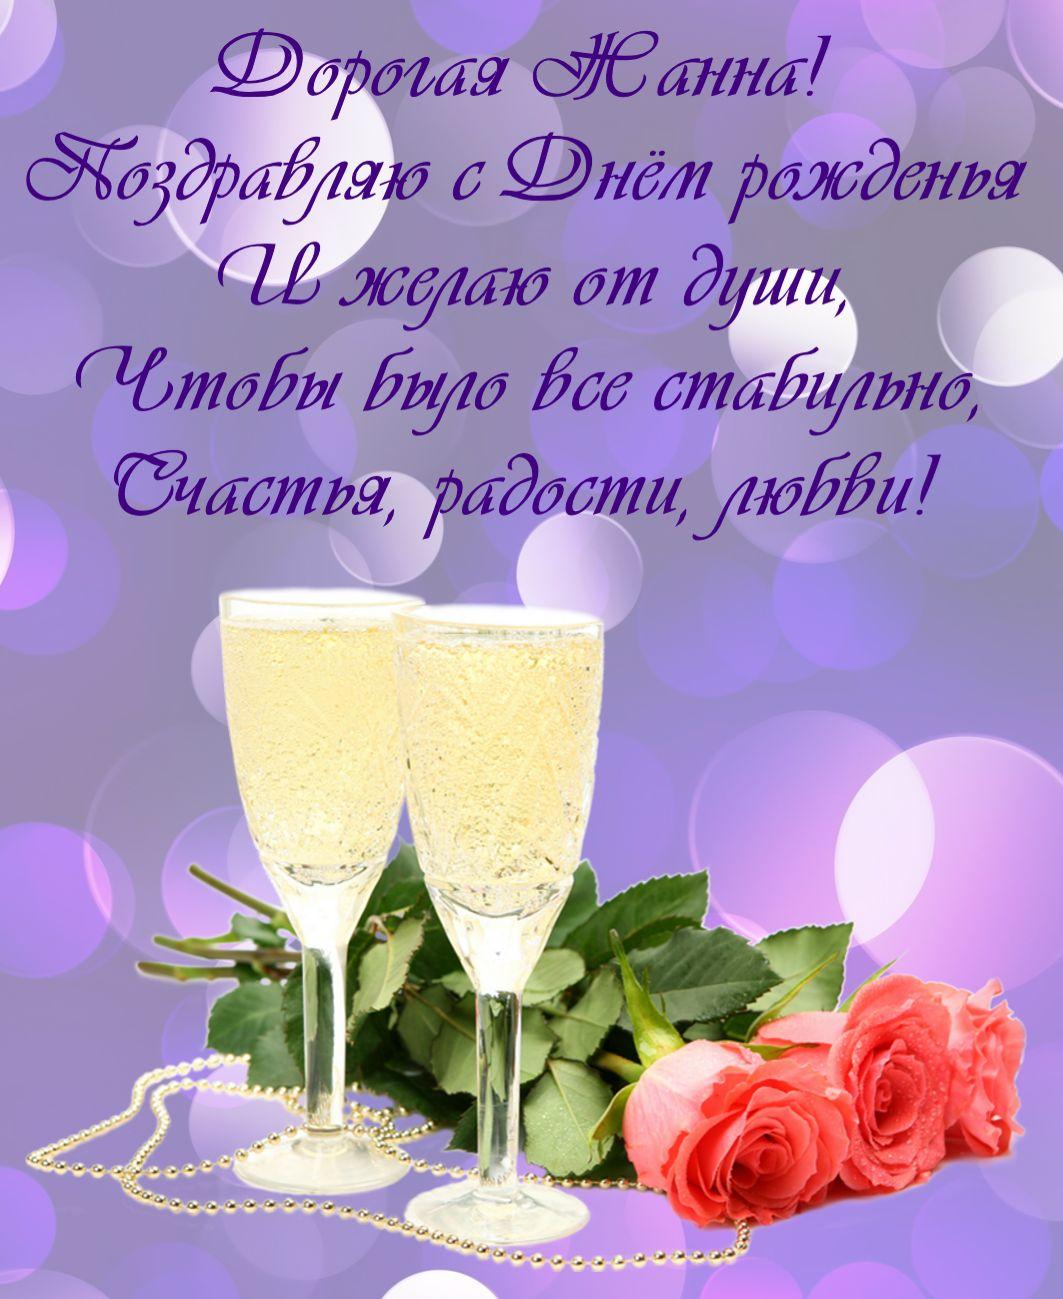 Поздравление и розы Жанне на День рождения